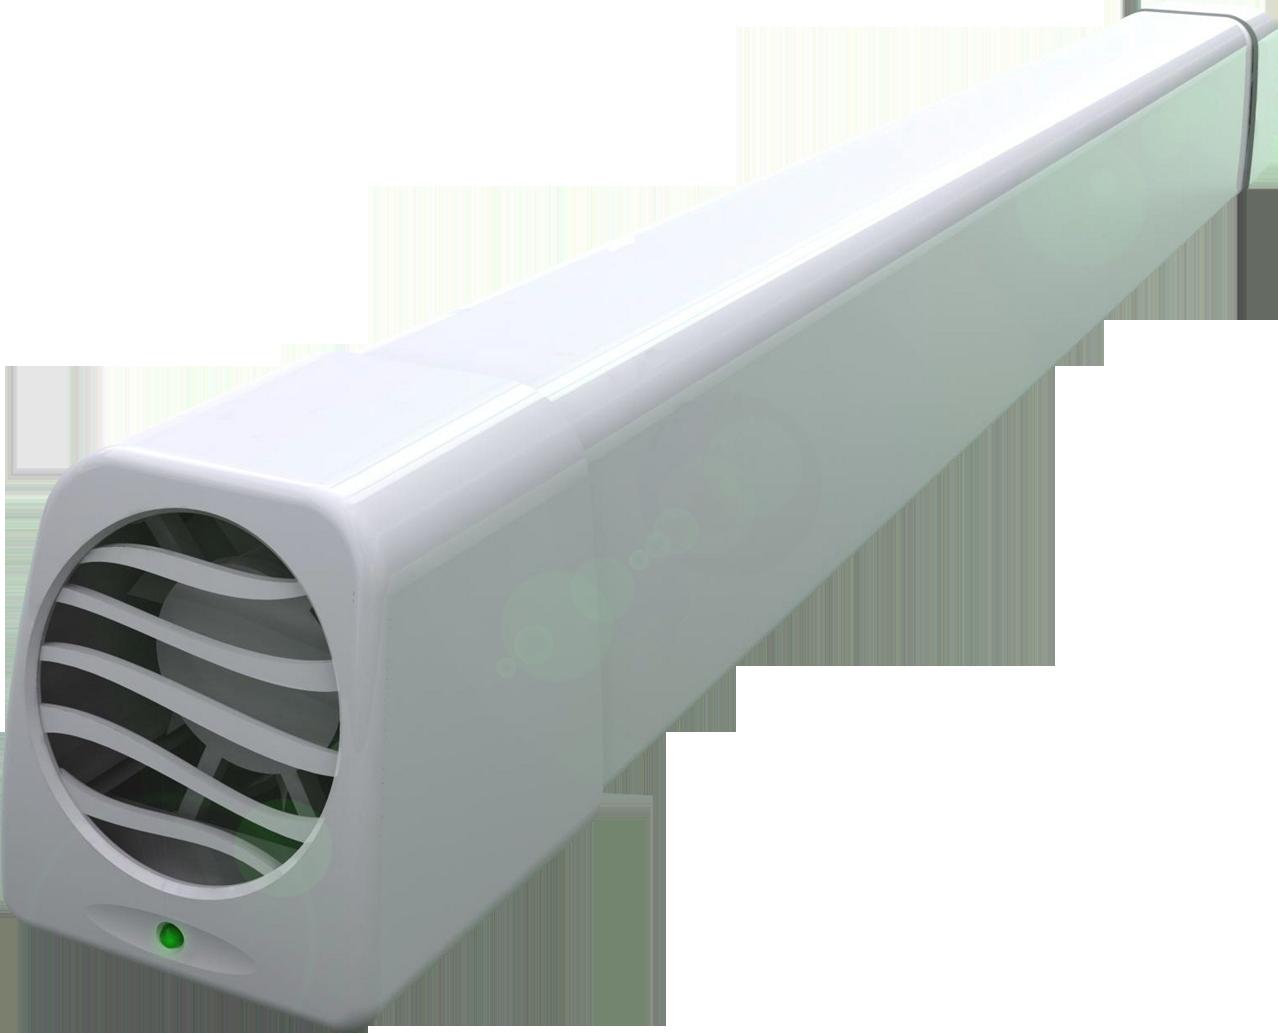 Radiator Booster - Prodotto per risparmiare